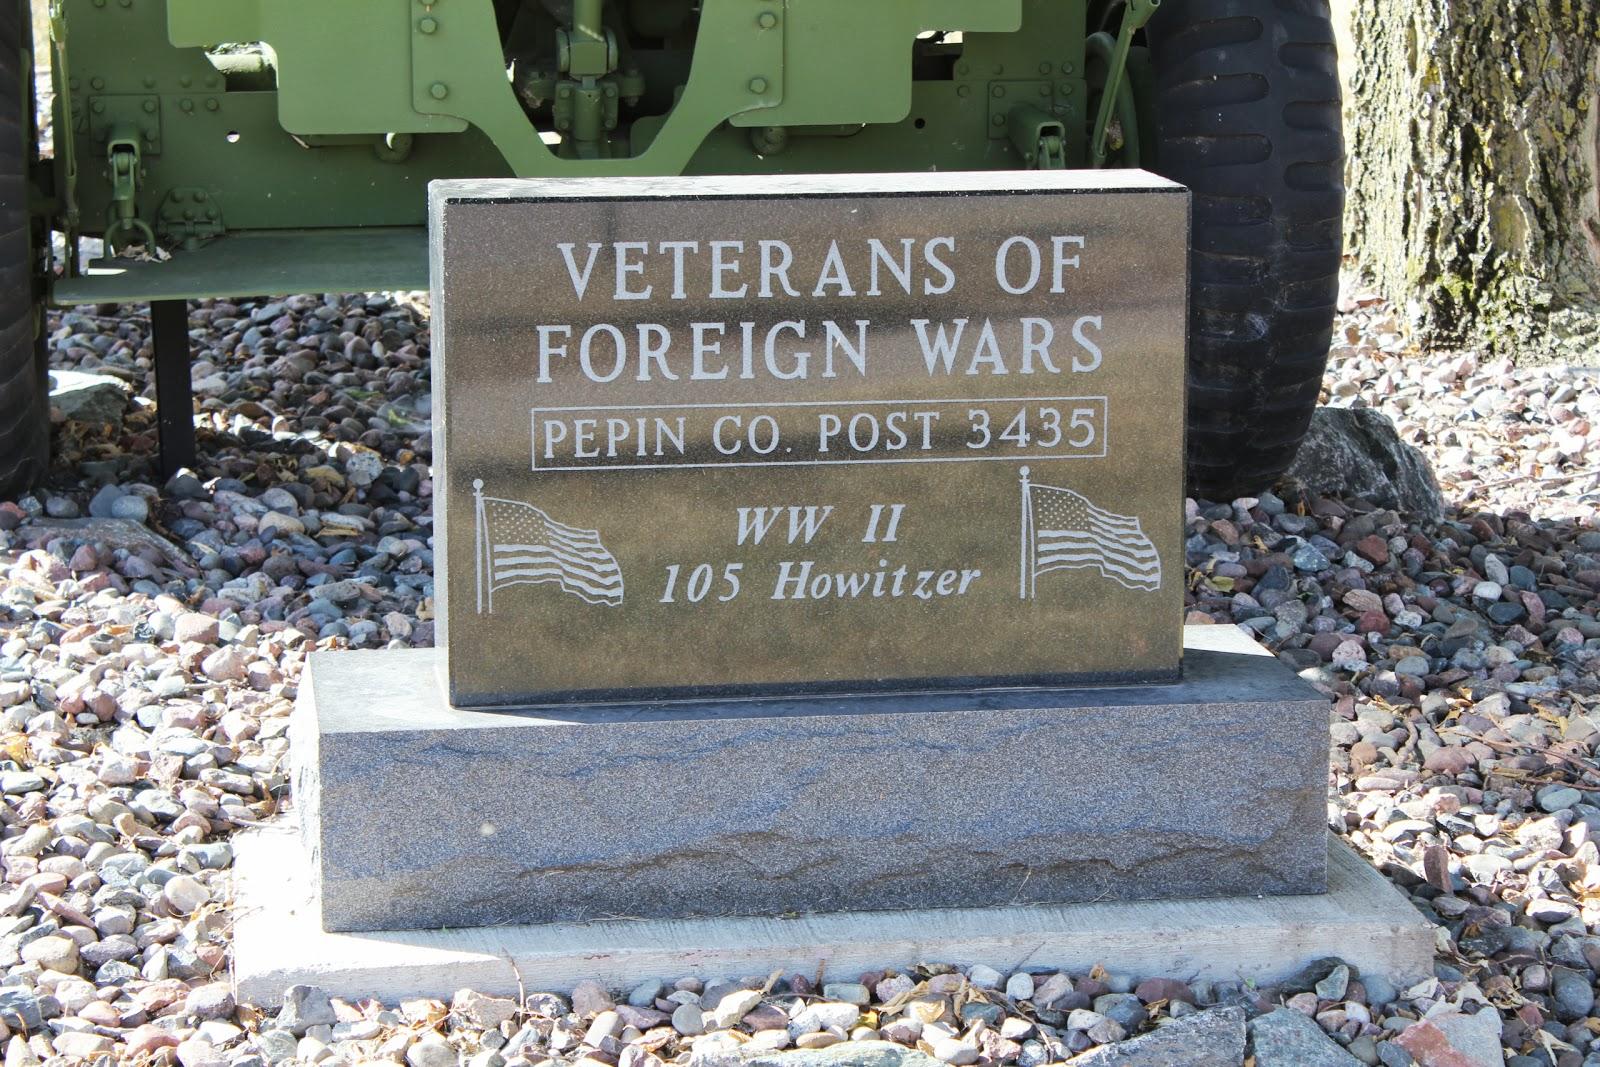 Wisconsin Historical Markers: WW II 105 Howitzer